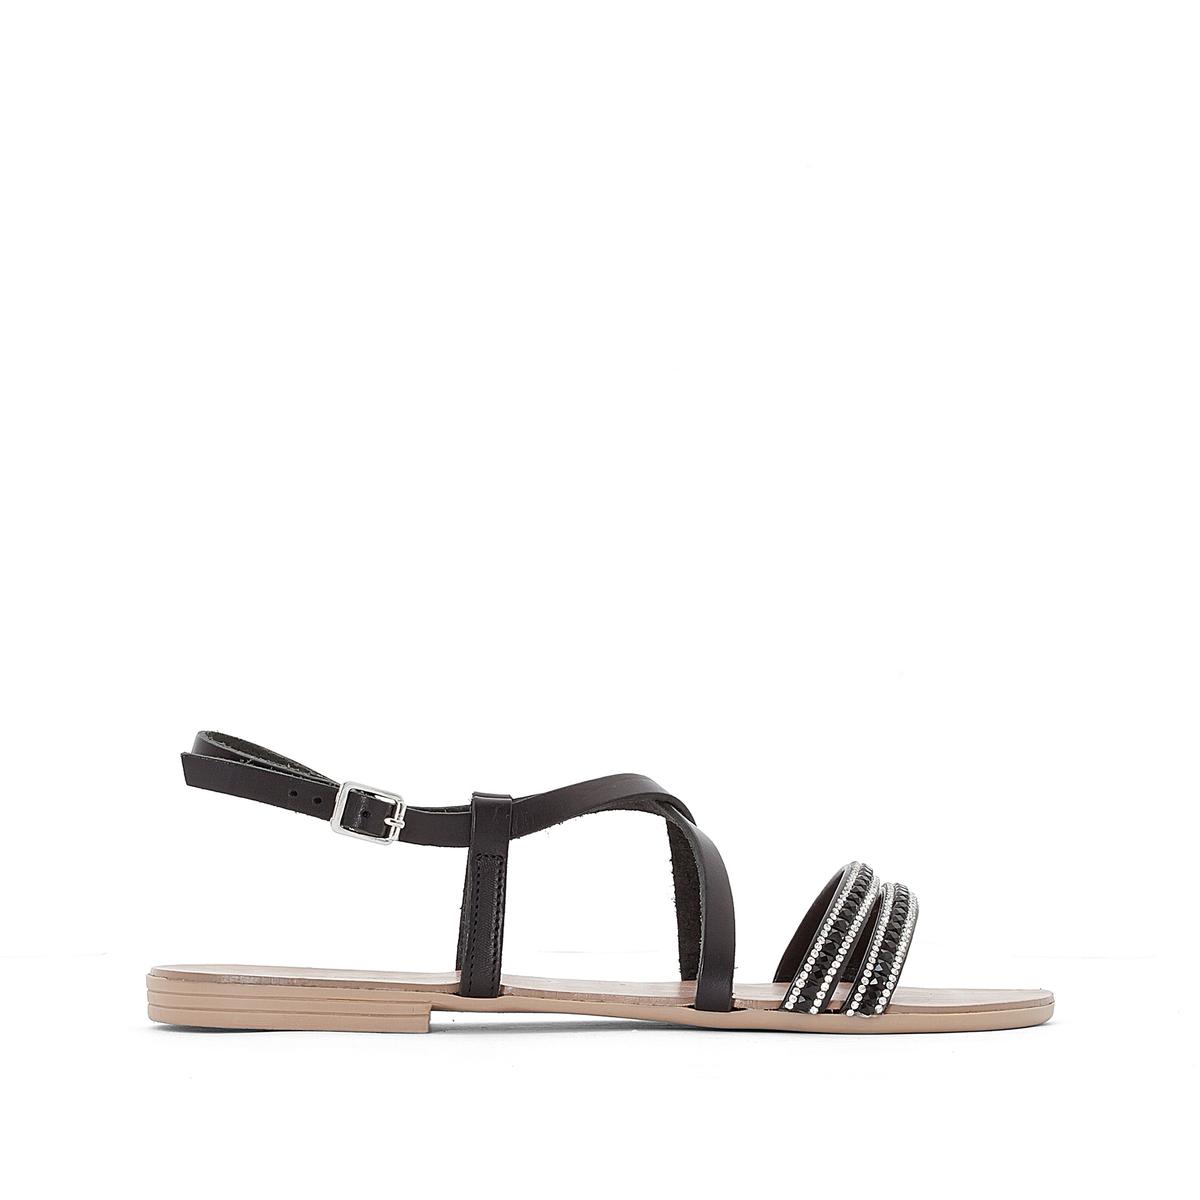 Сандалии кожаные Nil LeatherВерх/Голенище : кожа   Стелька : кожа  Подошва : каучук  Высота каблука : 1 см  Форма каблука : плоский каблук  Мысок : закругленный мысок Застежка : пряжка<br><br>Цвет: черный<br>Размер: 37